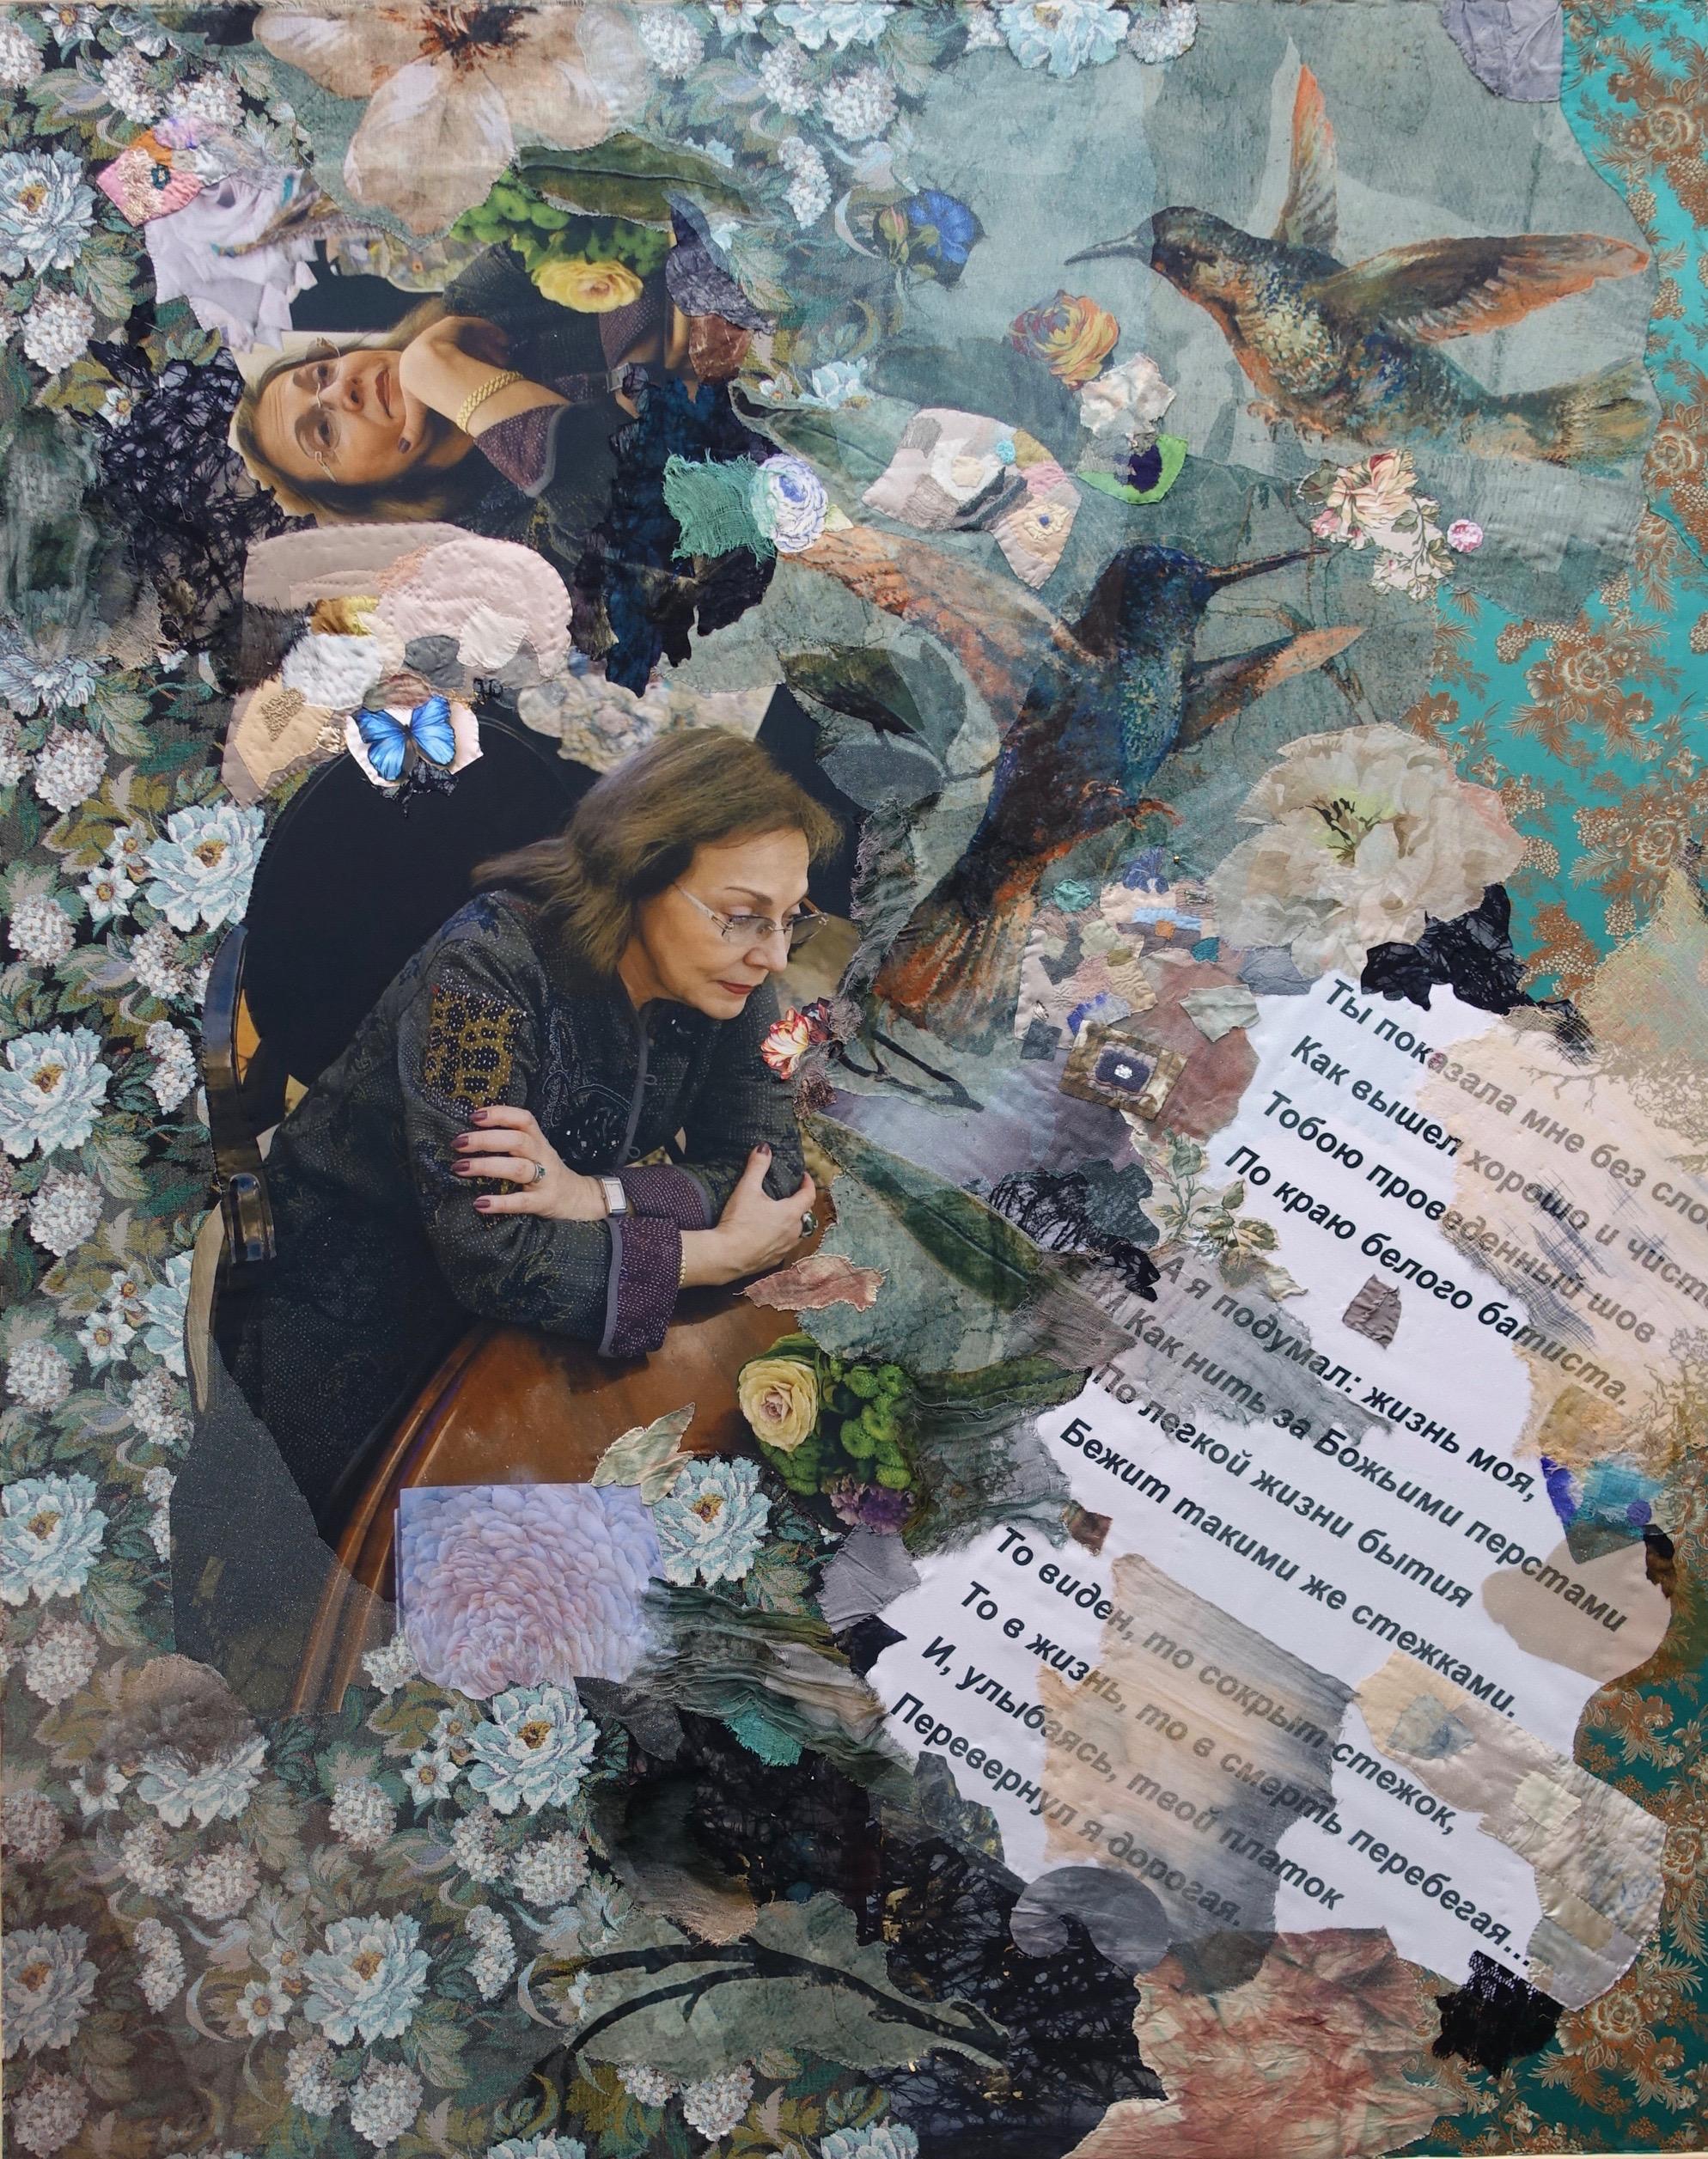 Творческая встреча с Натальей Владимировной Мурадовой – события на сайте «Московские Сезоны»